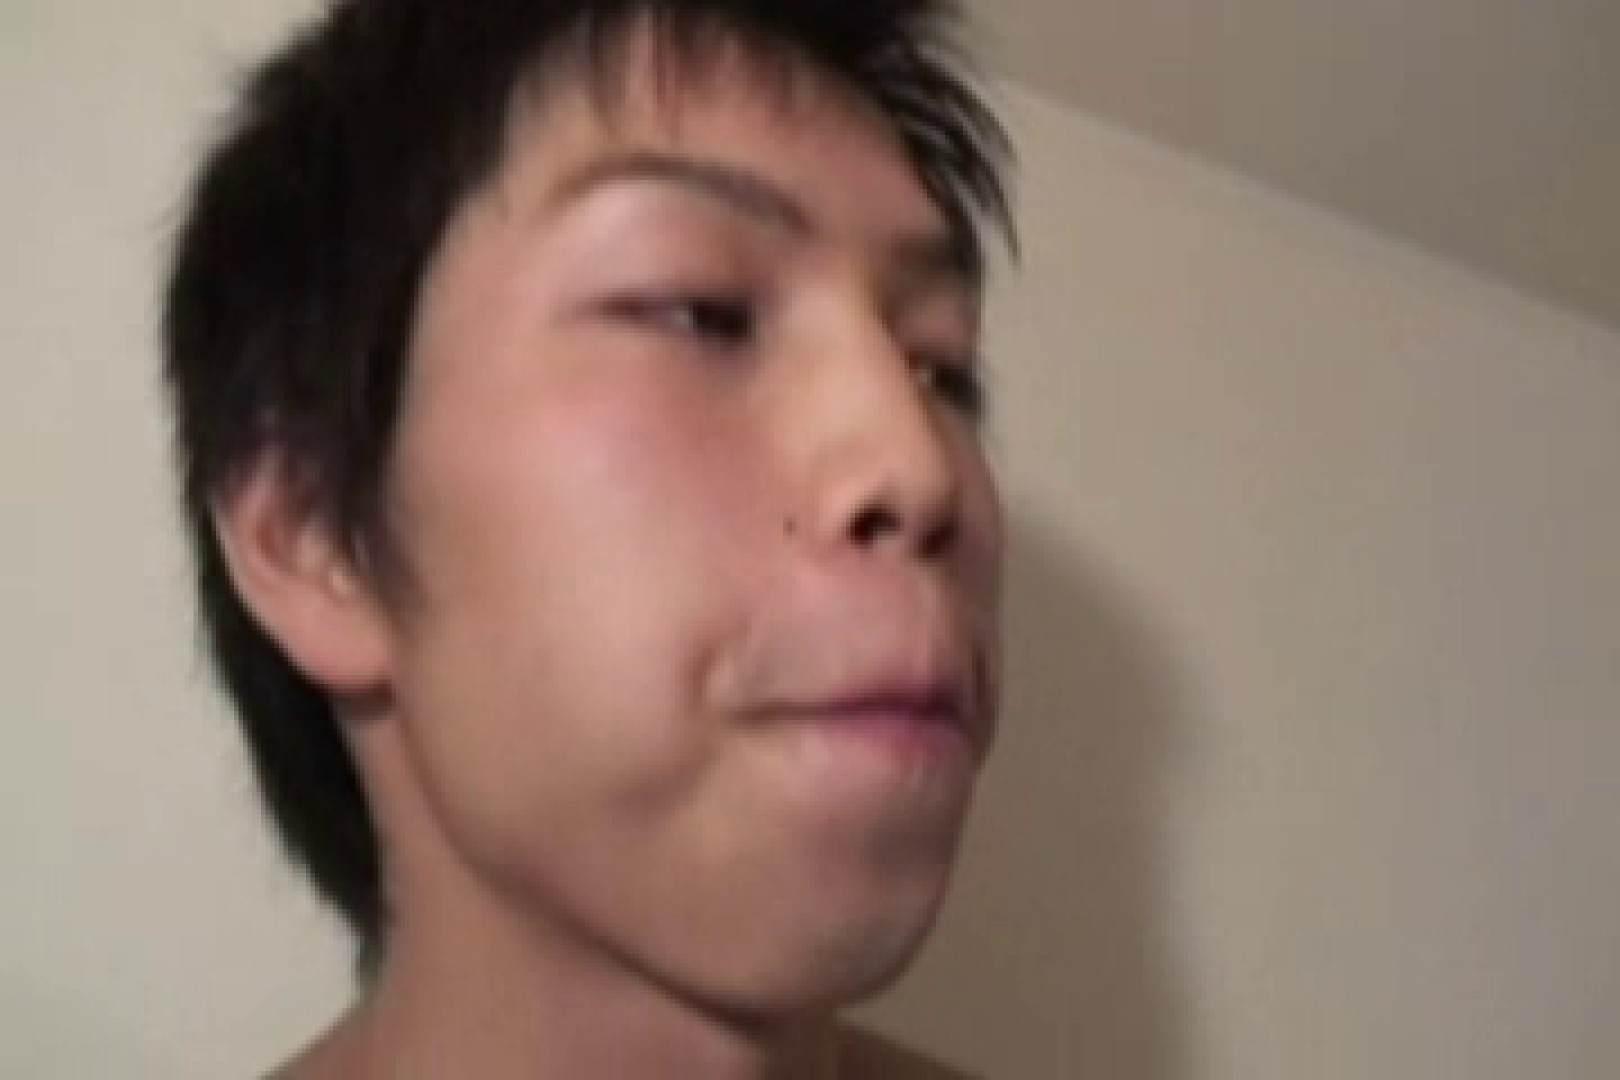 爽やかイケメン筋トレ&オナニー!!マッスルボディとロングチンコ チンコ 射精無修正動画 83pic 60